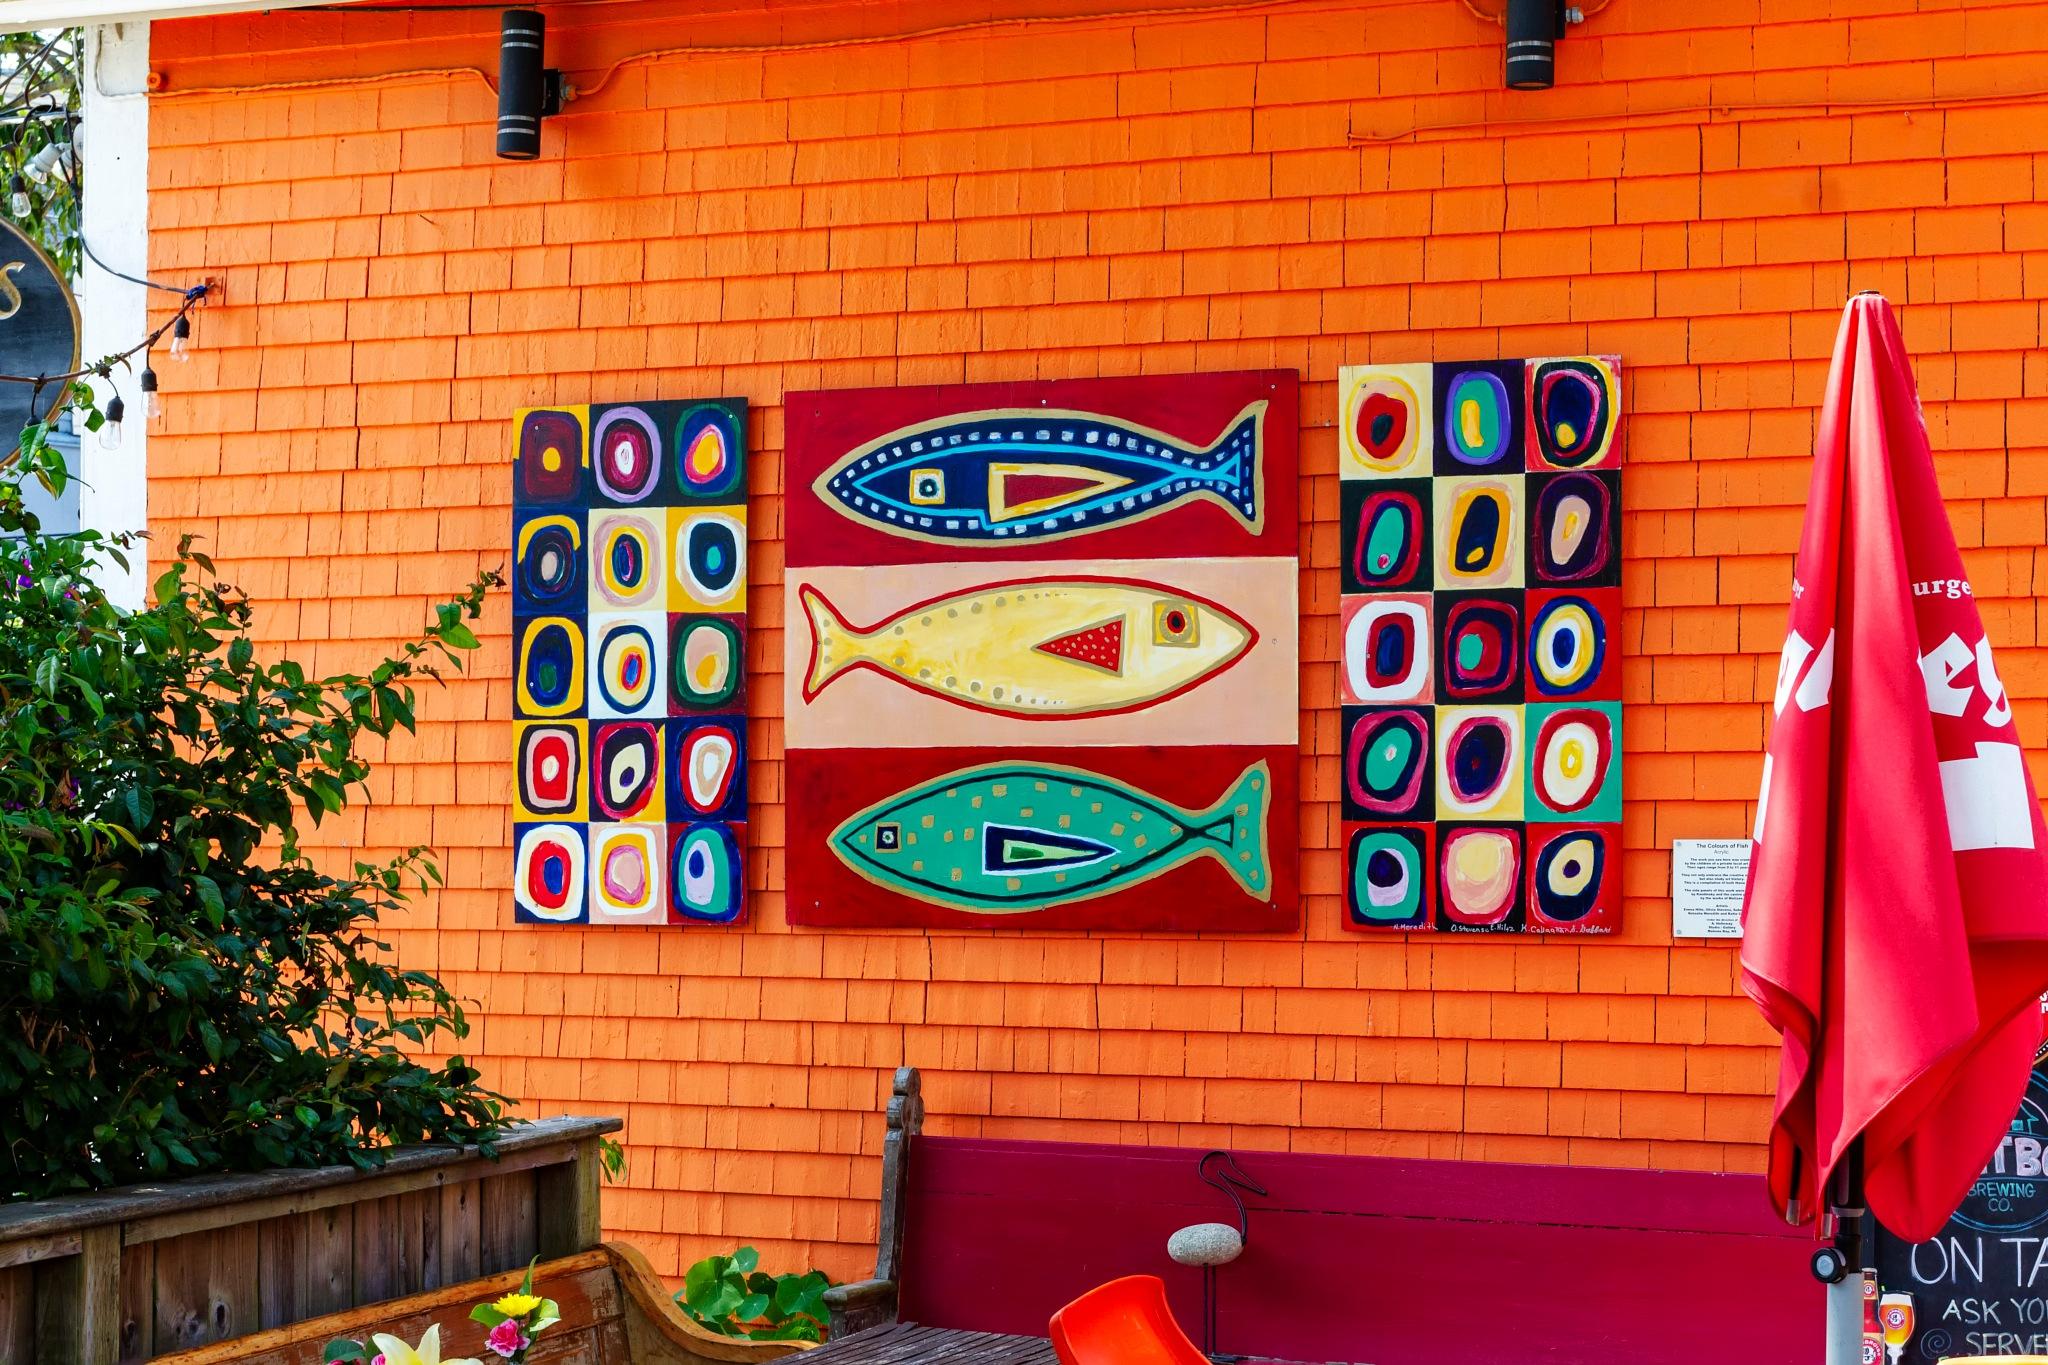 Mahone Bay Art by Joe Chrvala